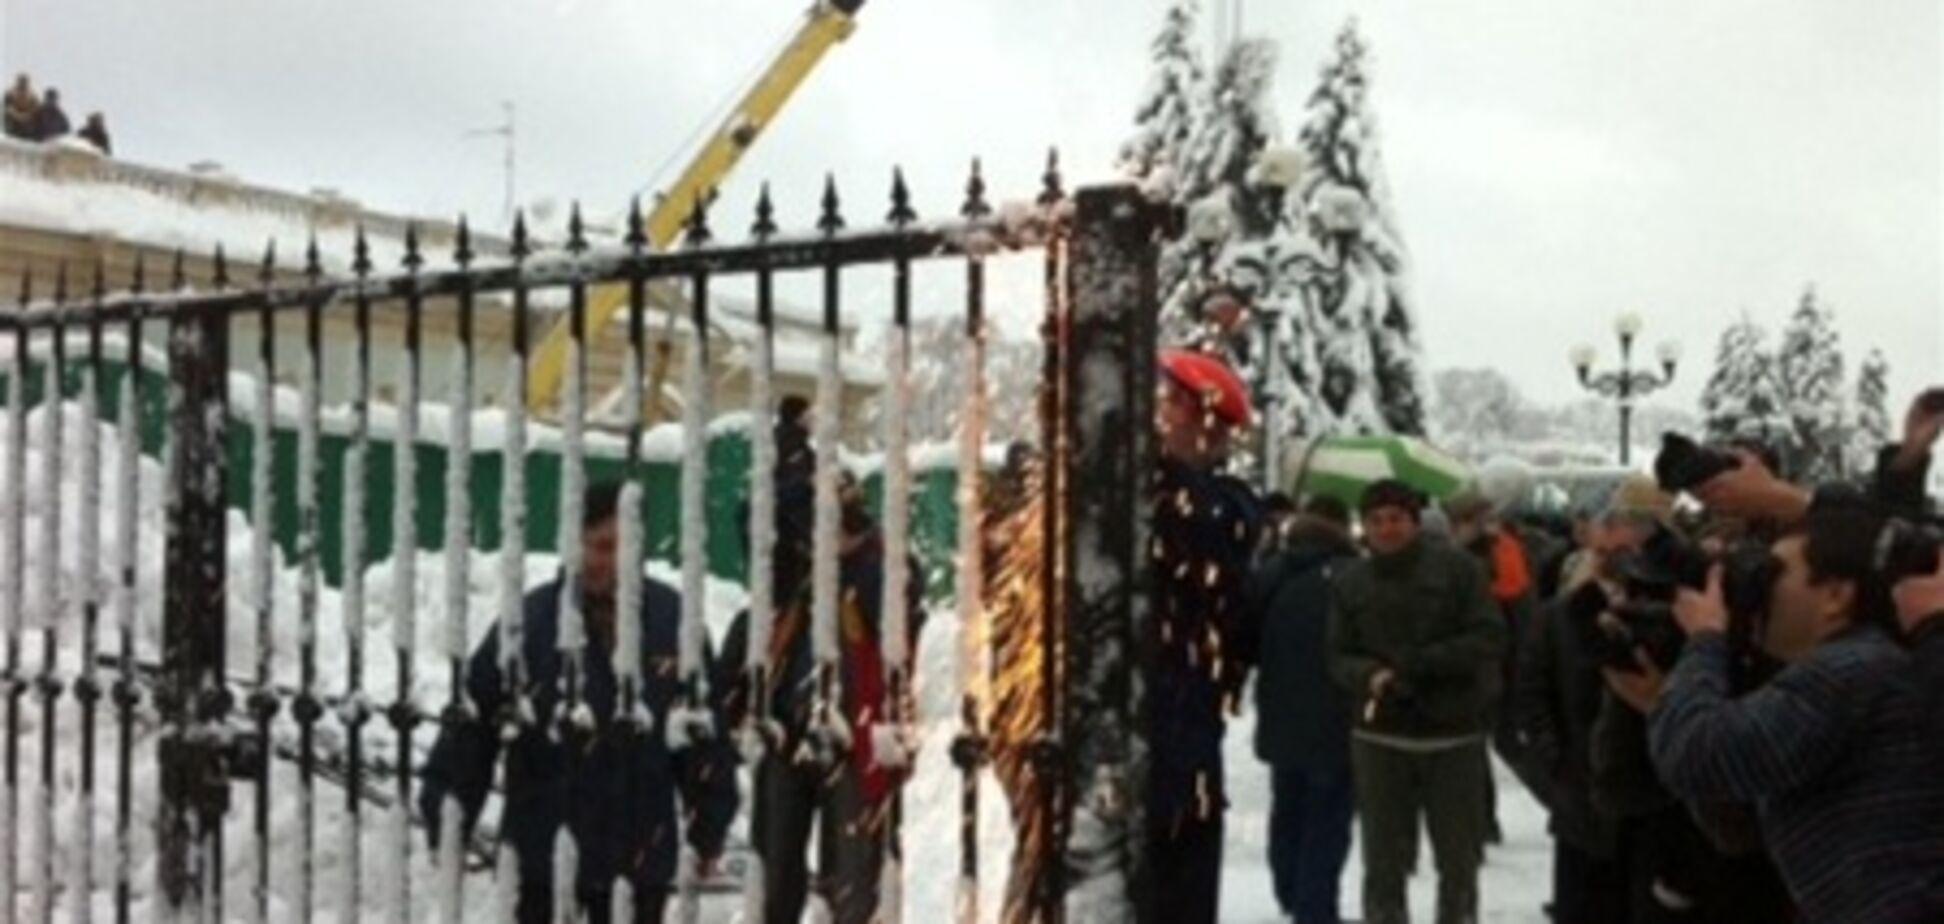 'Свобода' снесла ворота под Радой. Добавлено видео